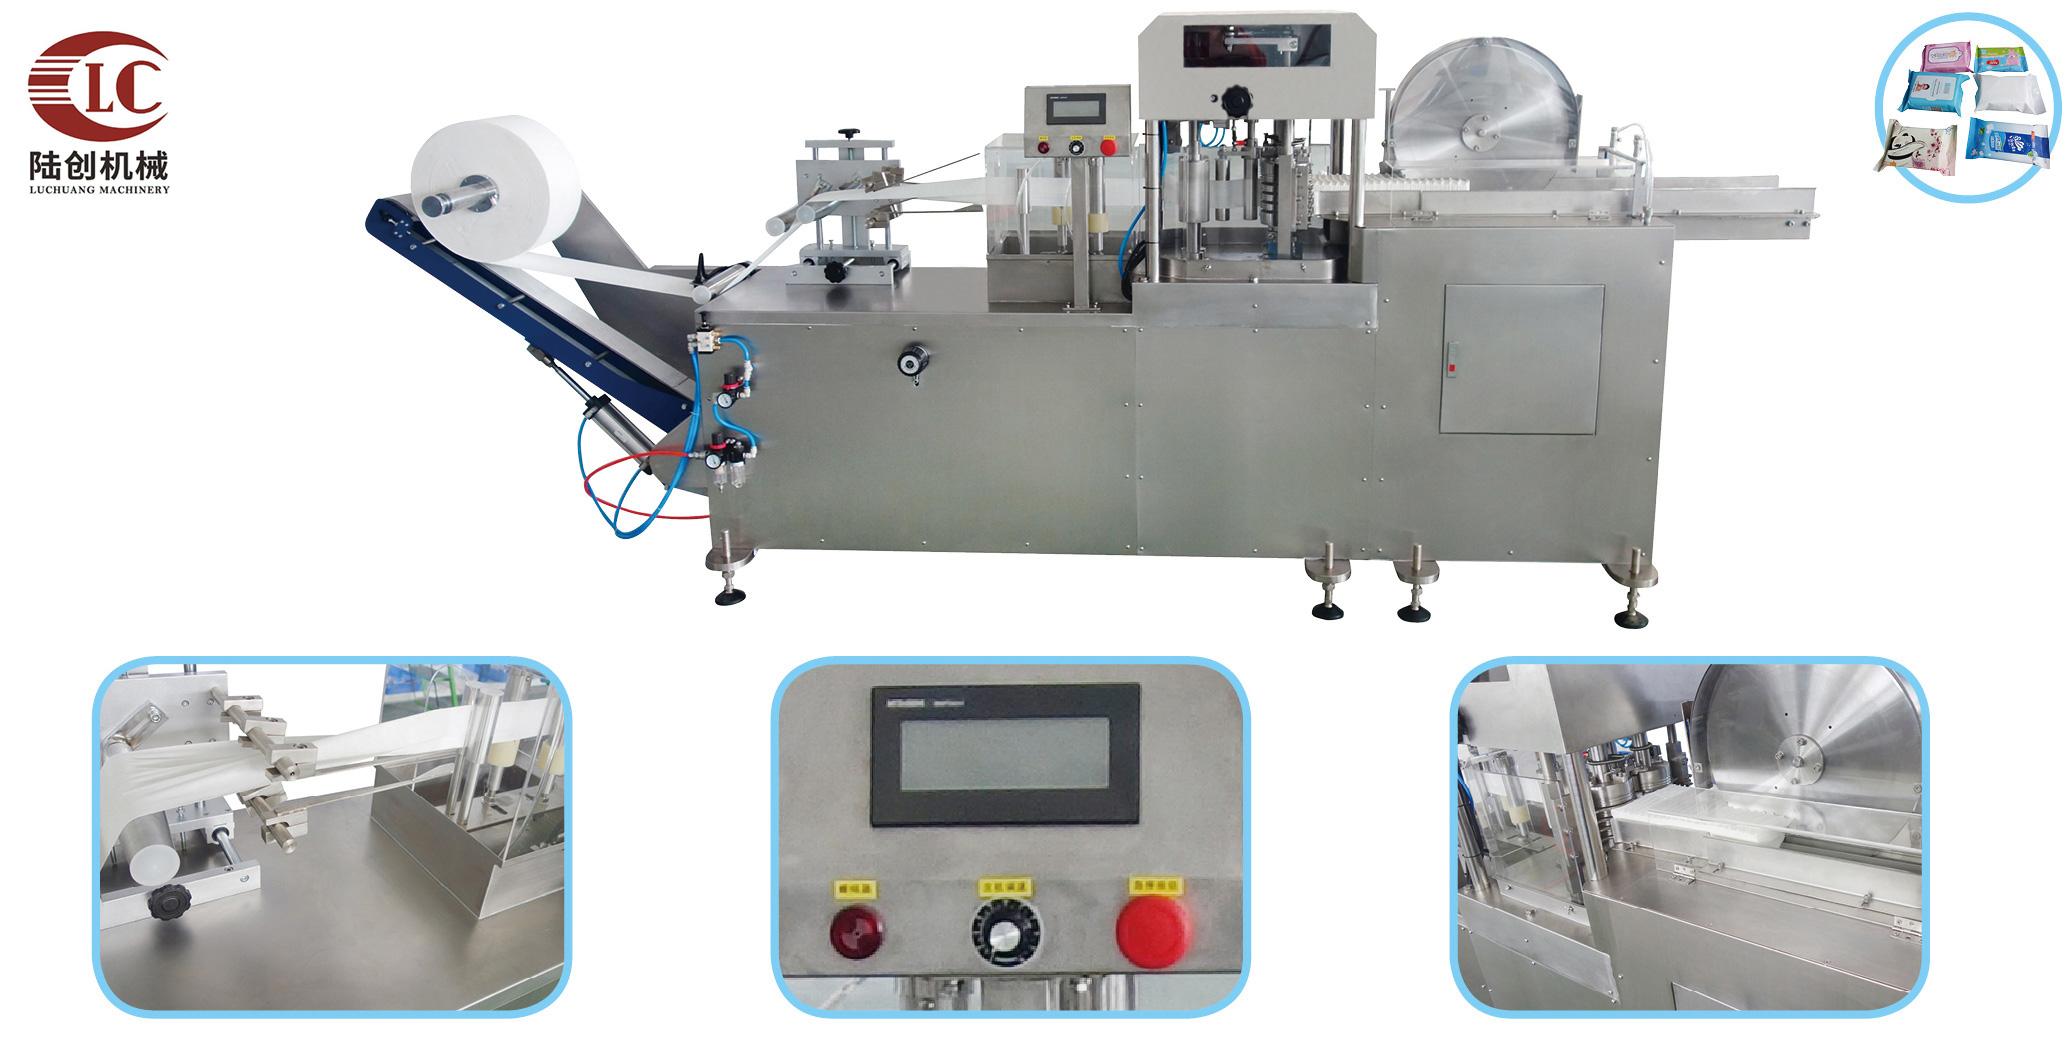 LC-FM90湿巾折叠机